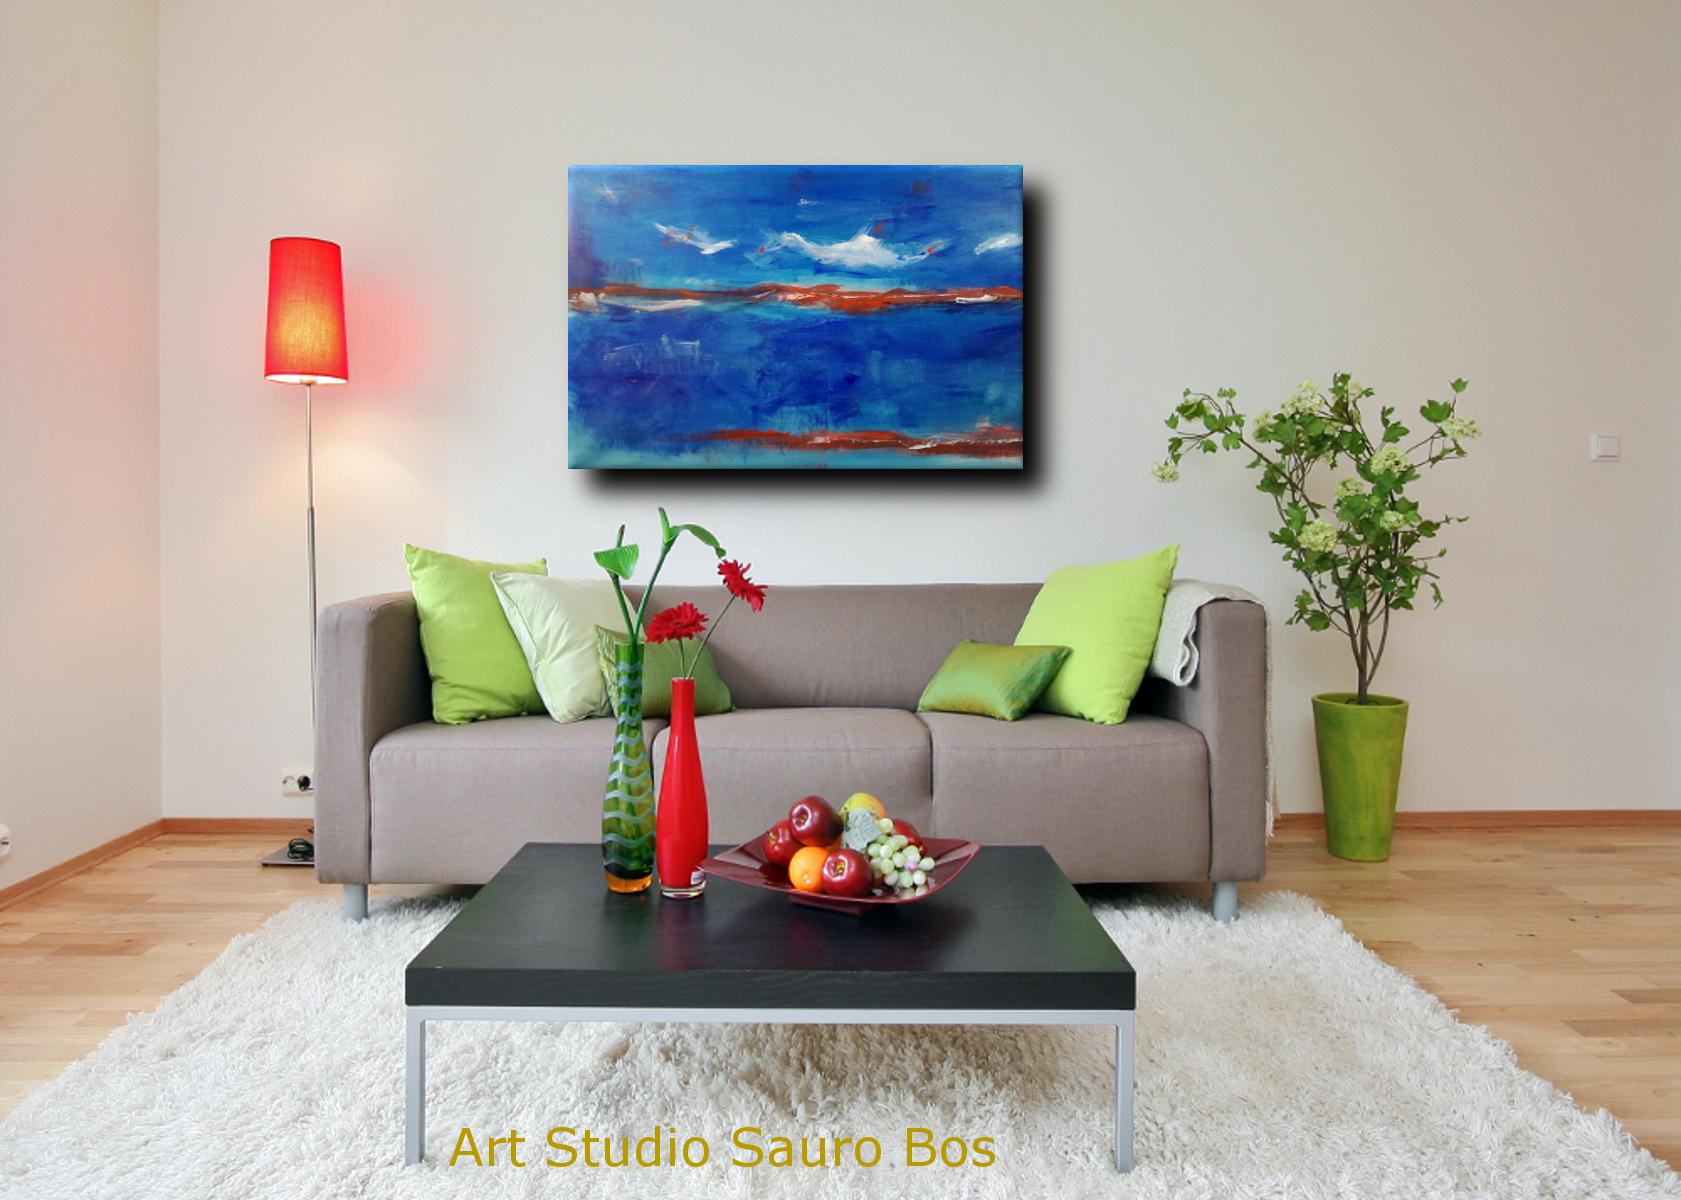 quadri moderni paesaggio c007 - quadro moderno paesaggio astratto